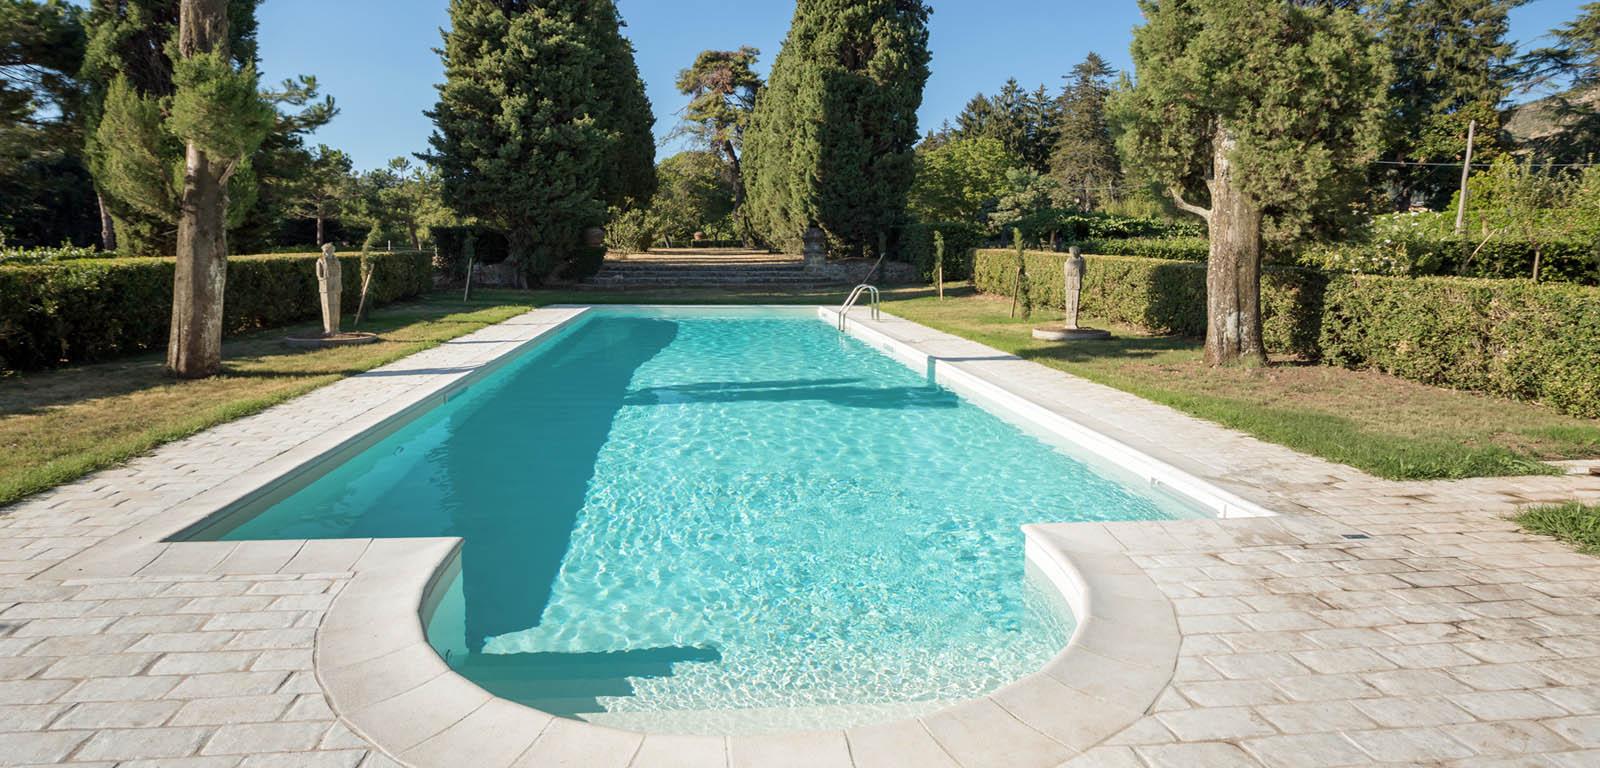 Piscine da giardino oasi di relax per casa tua piscine castiglione - Subito it piscine ...